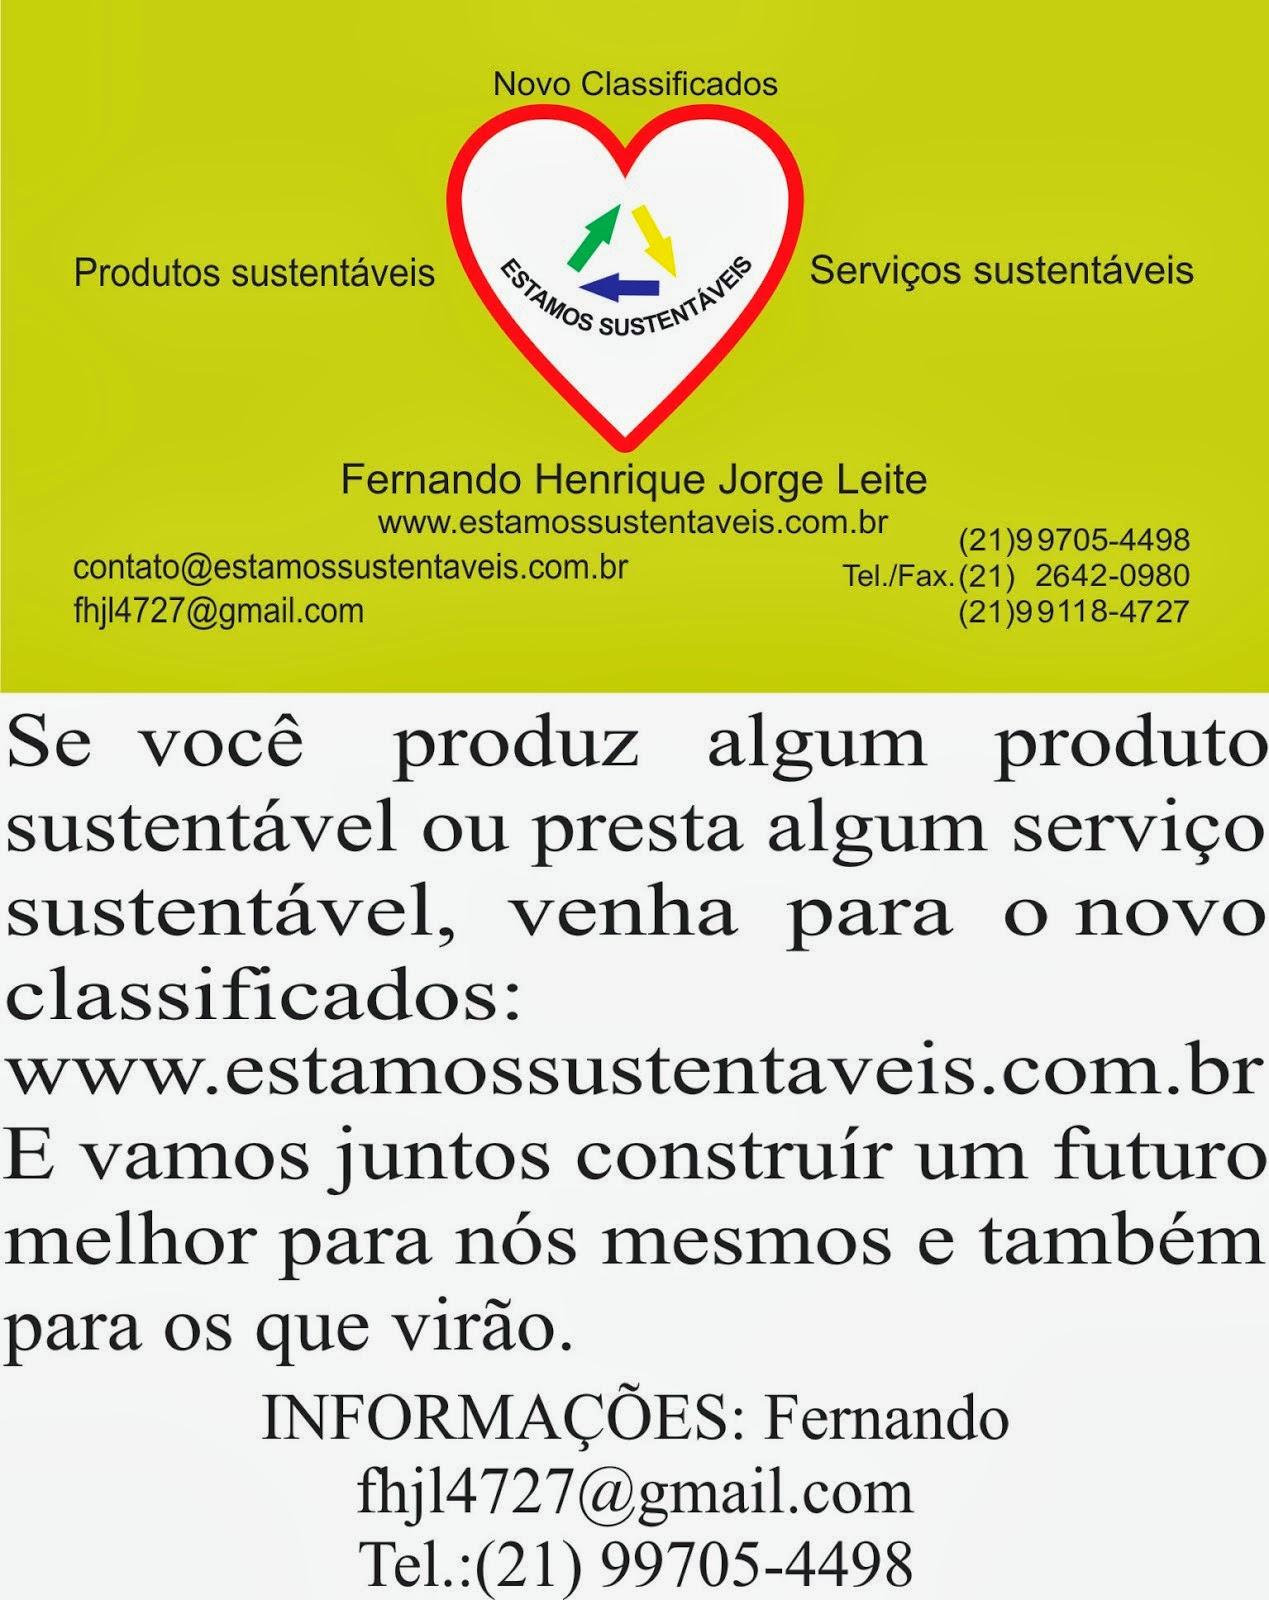 Se você produz serviços ou produtos sustentáveis, então não deixem de acessar o nosso Site !!!